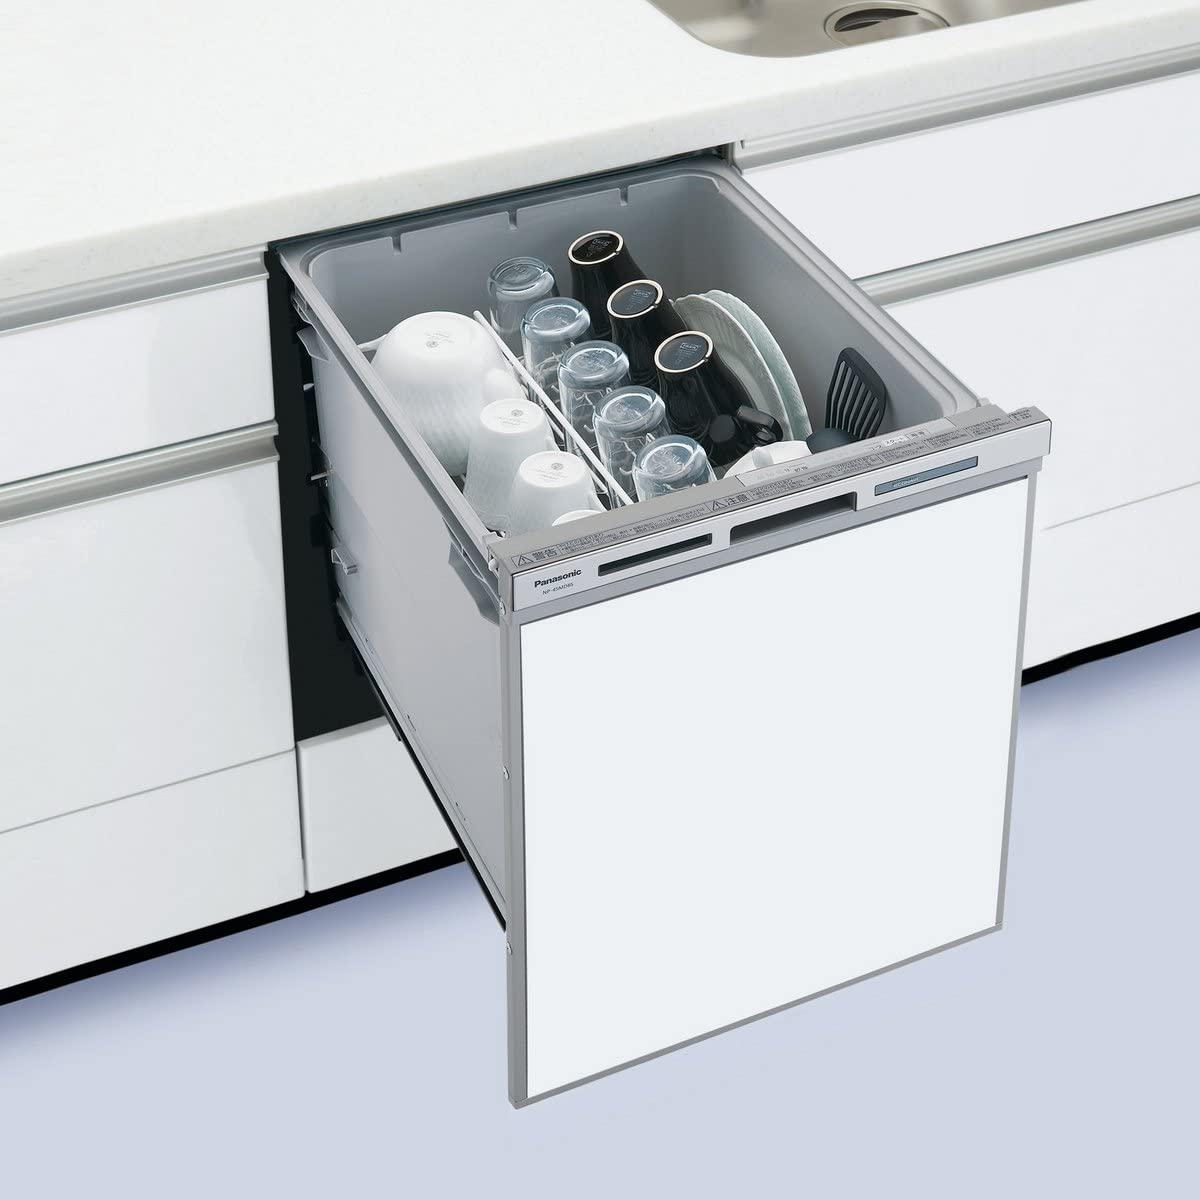 Panasonic(パナソニック) ビルトイン食器洗い乾燥機 NP-45MD8Sの商品画像2